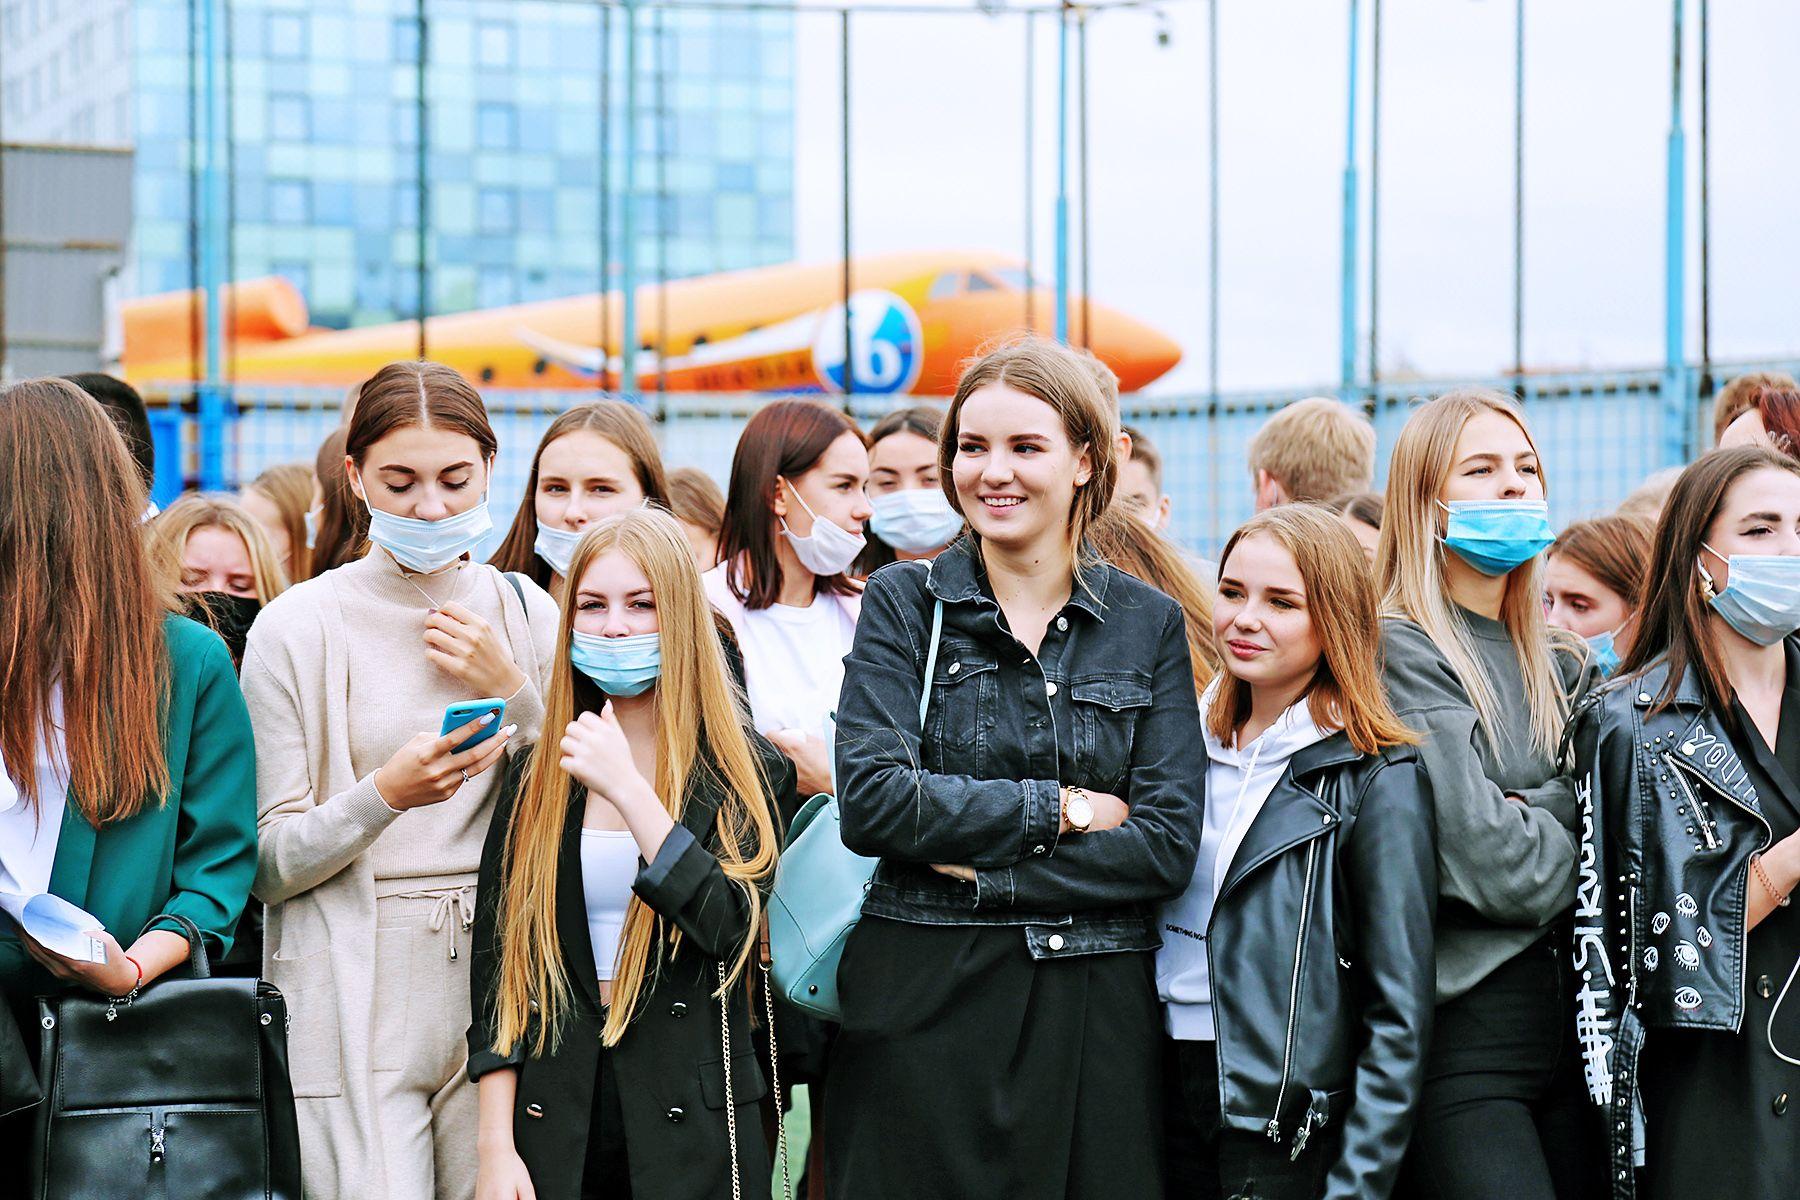 На пороге студенческой жизни: во ВГУЭС прошла торжественная линейка первокурсников